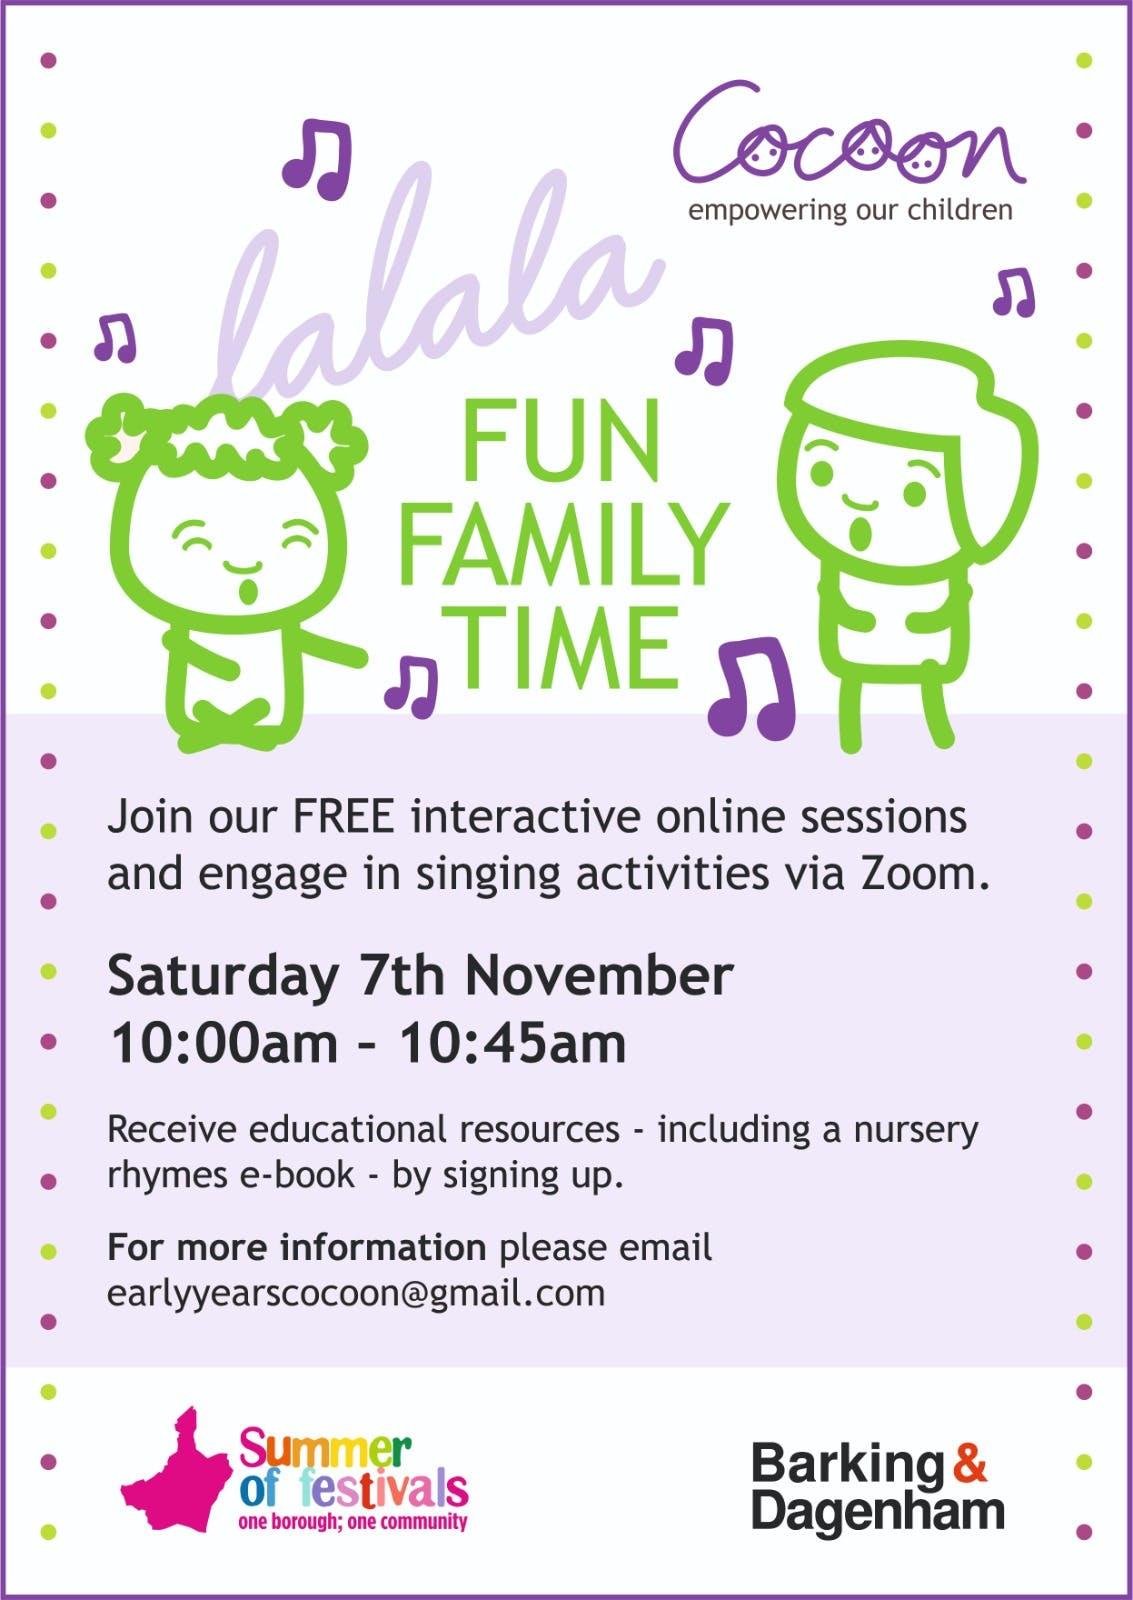 Lalala 2 Fun Family Time